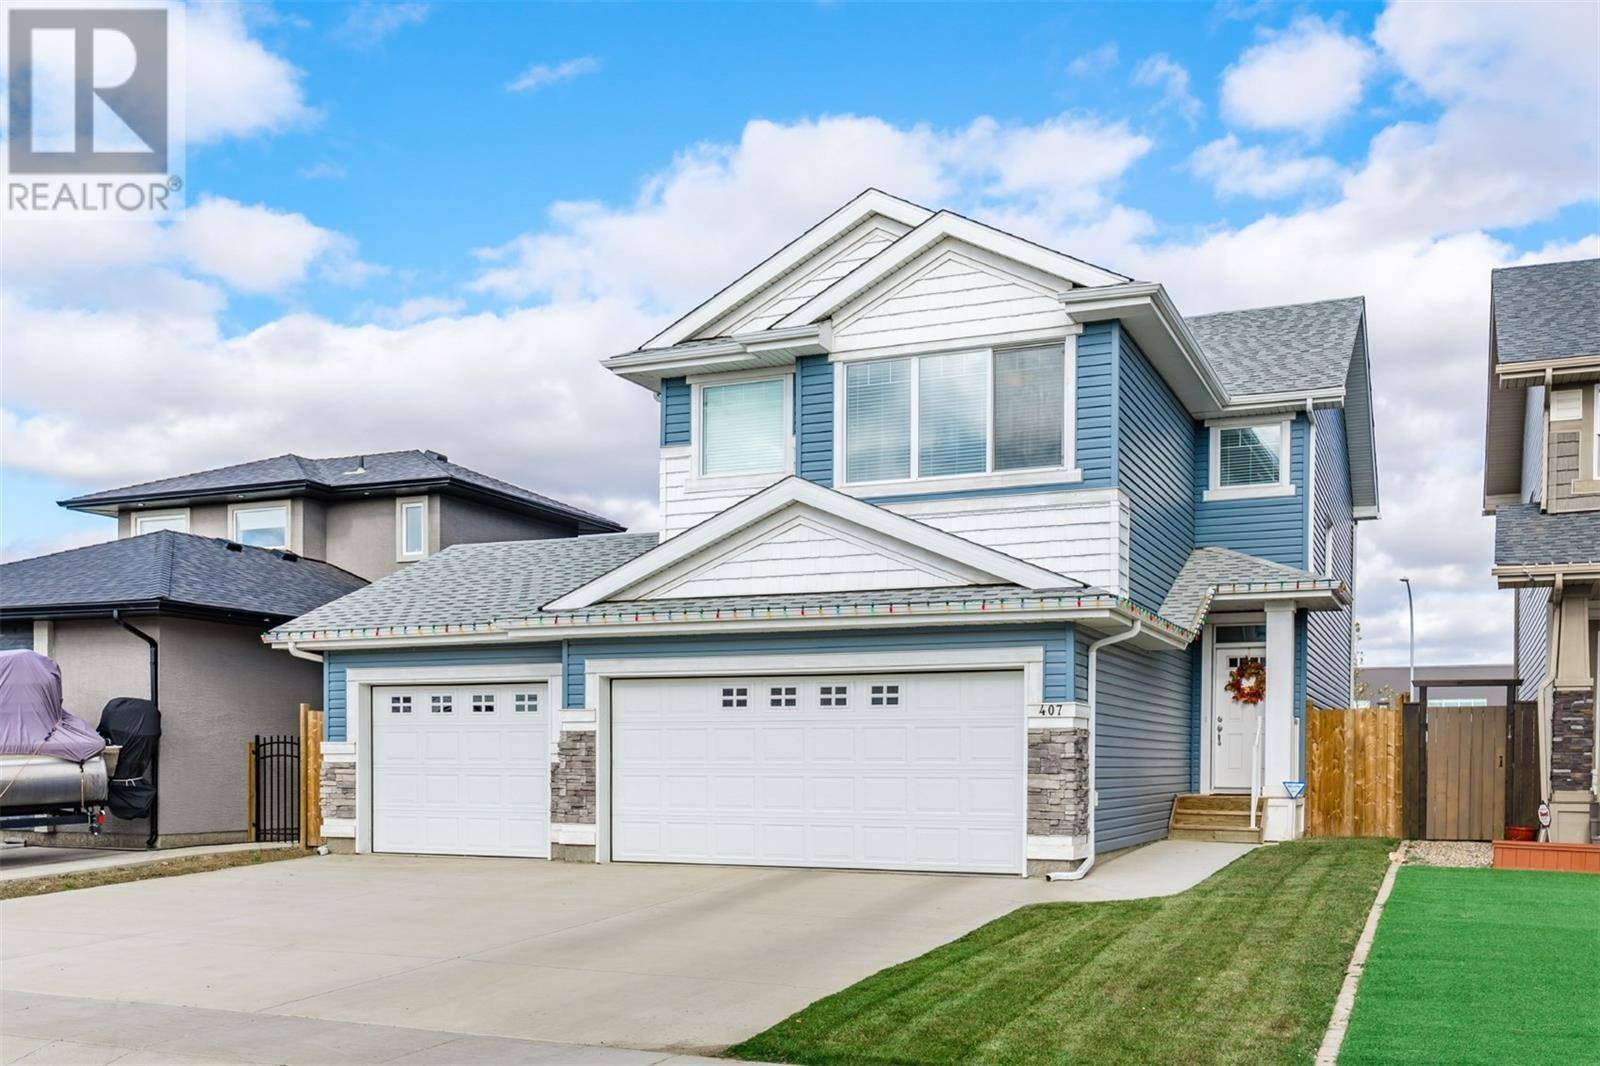 House for sale at 407 Flynn Ln Saskatoon Saskatchewan - MLS: SK788357